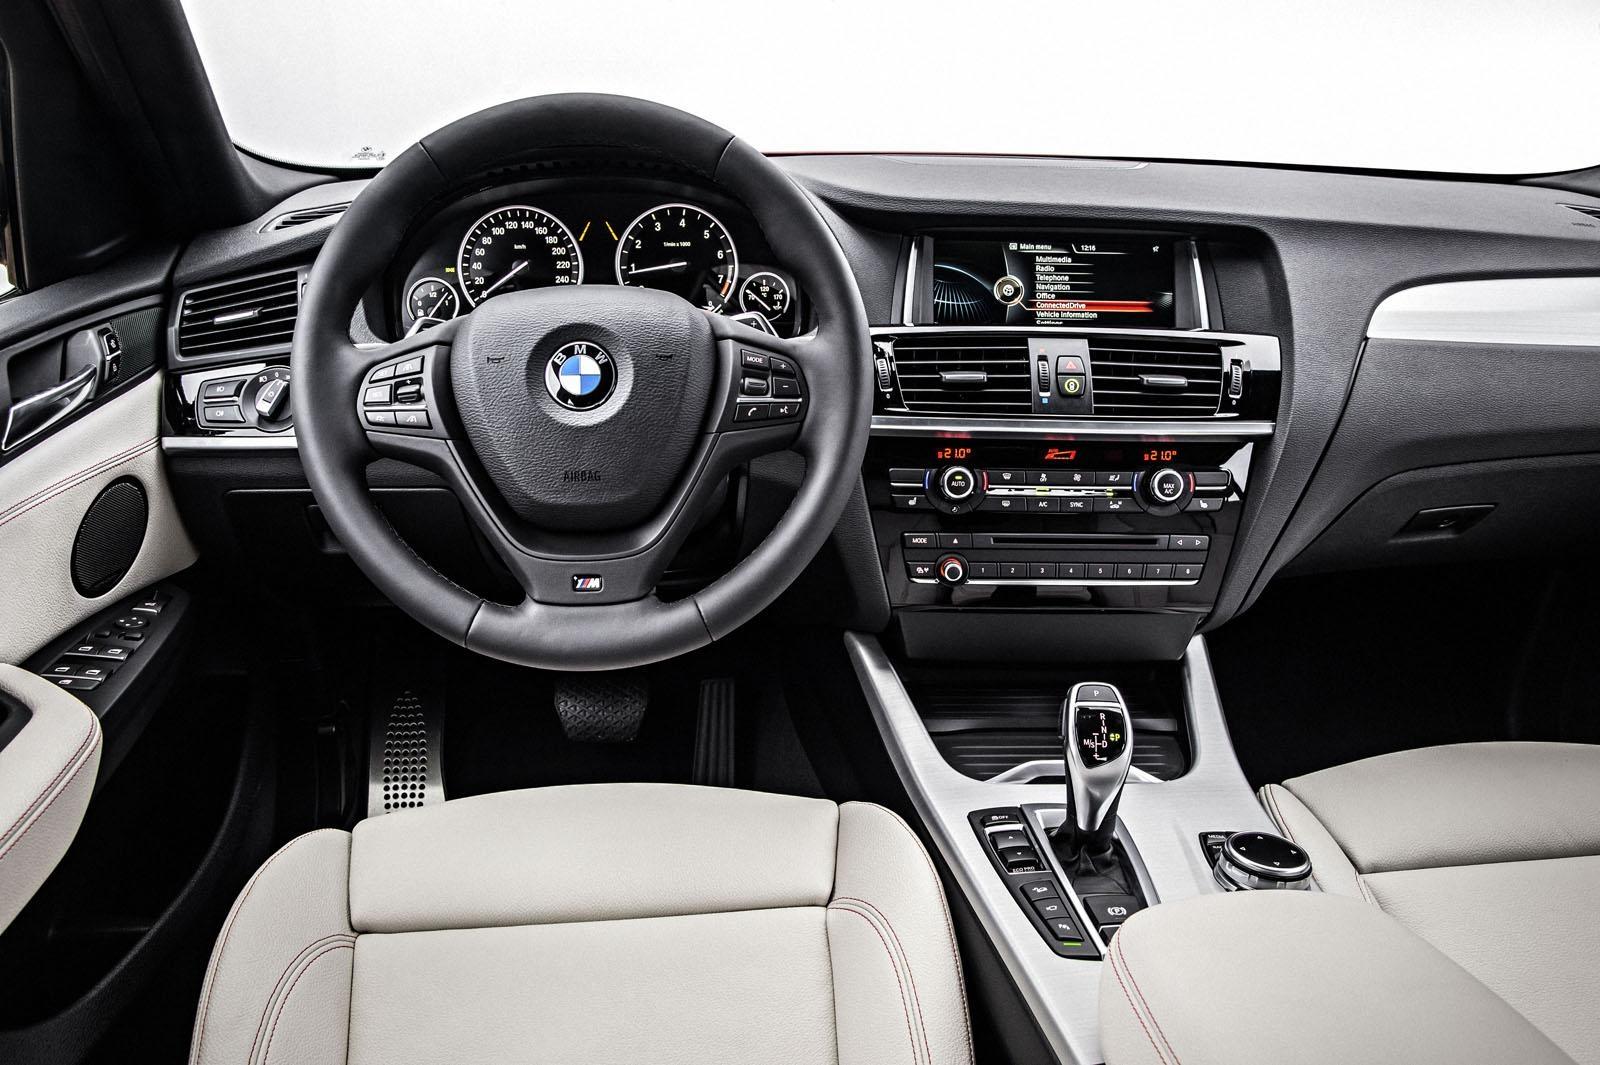 http://images.caradisiac.com/images/2/9/5/6/92956/S0-Le-nouveau-BMW-X4-enfin-presente-316483.jpg